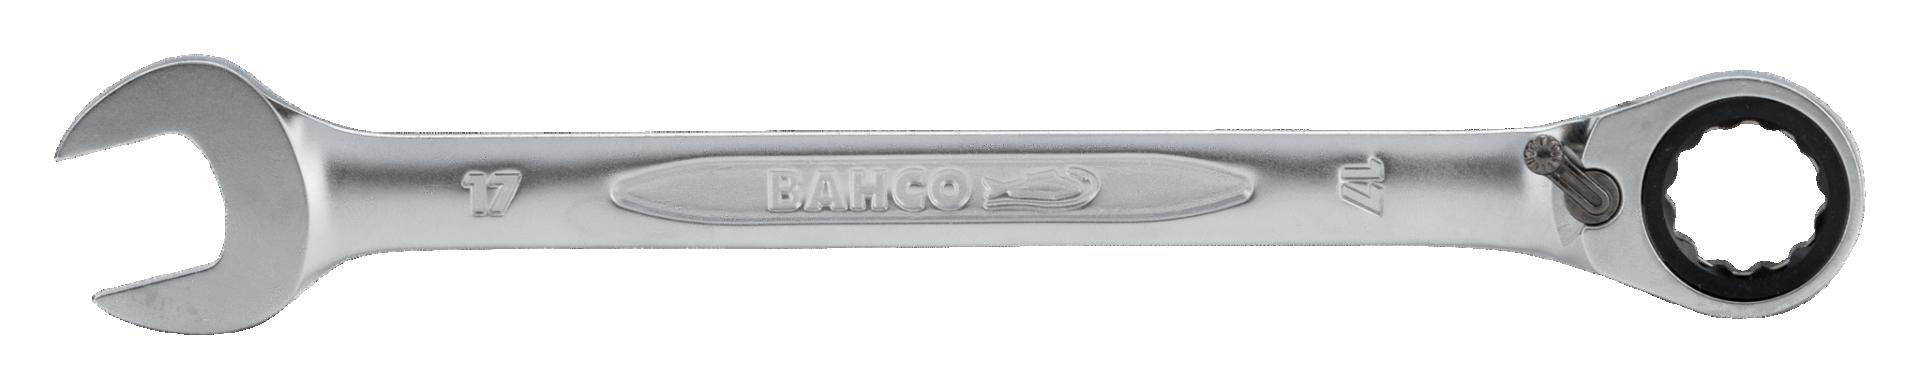 Klucz płasko-oczkowy z grzechotką 18 mm Dynamic-Drive Bahco (nr kat. 1RM-18)